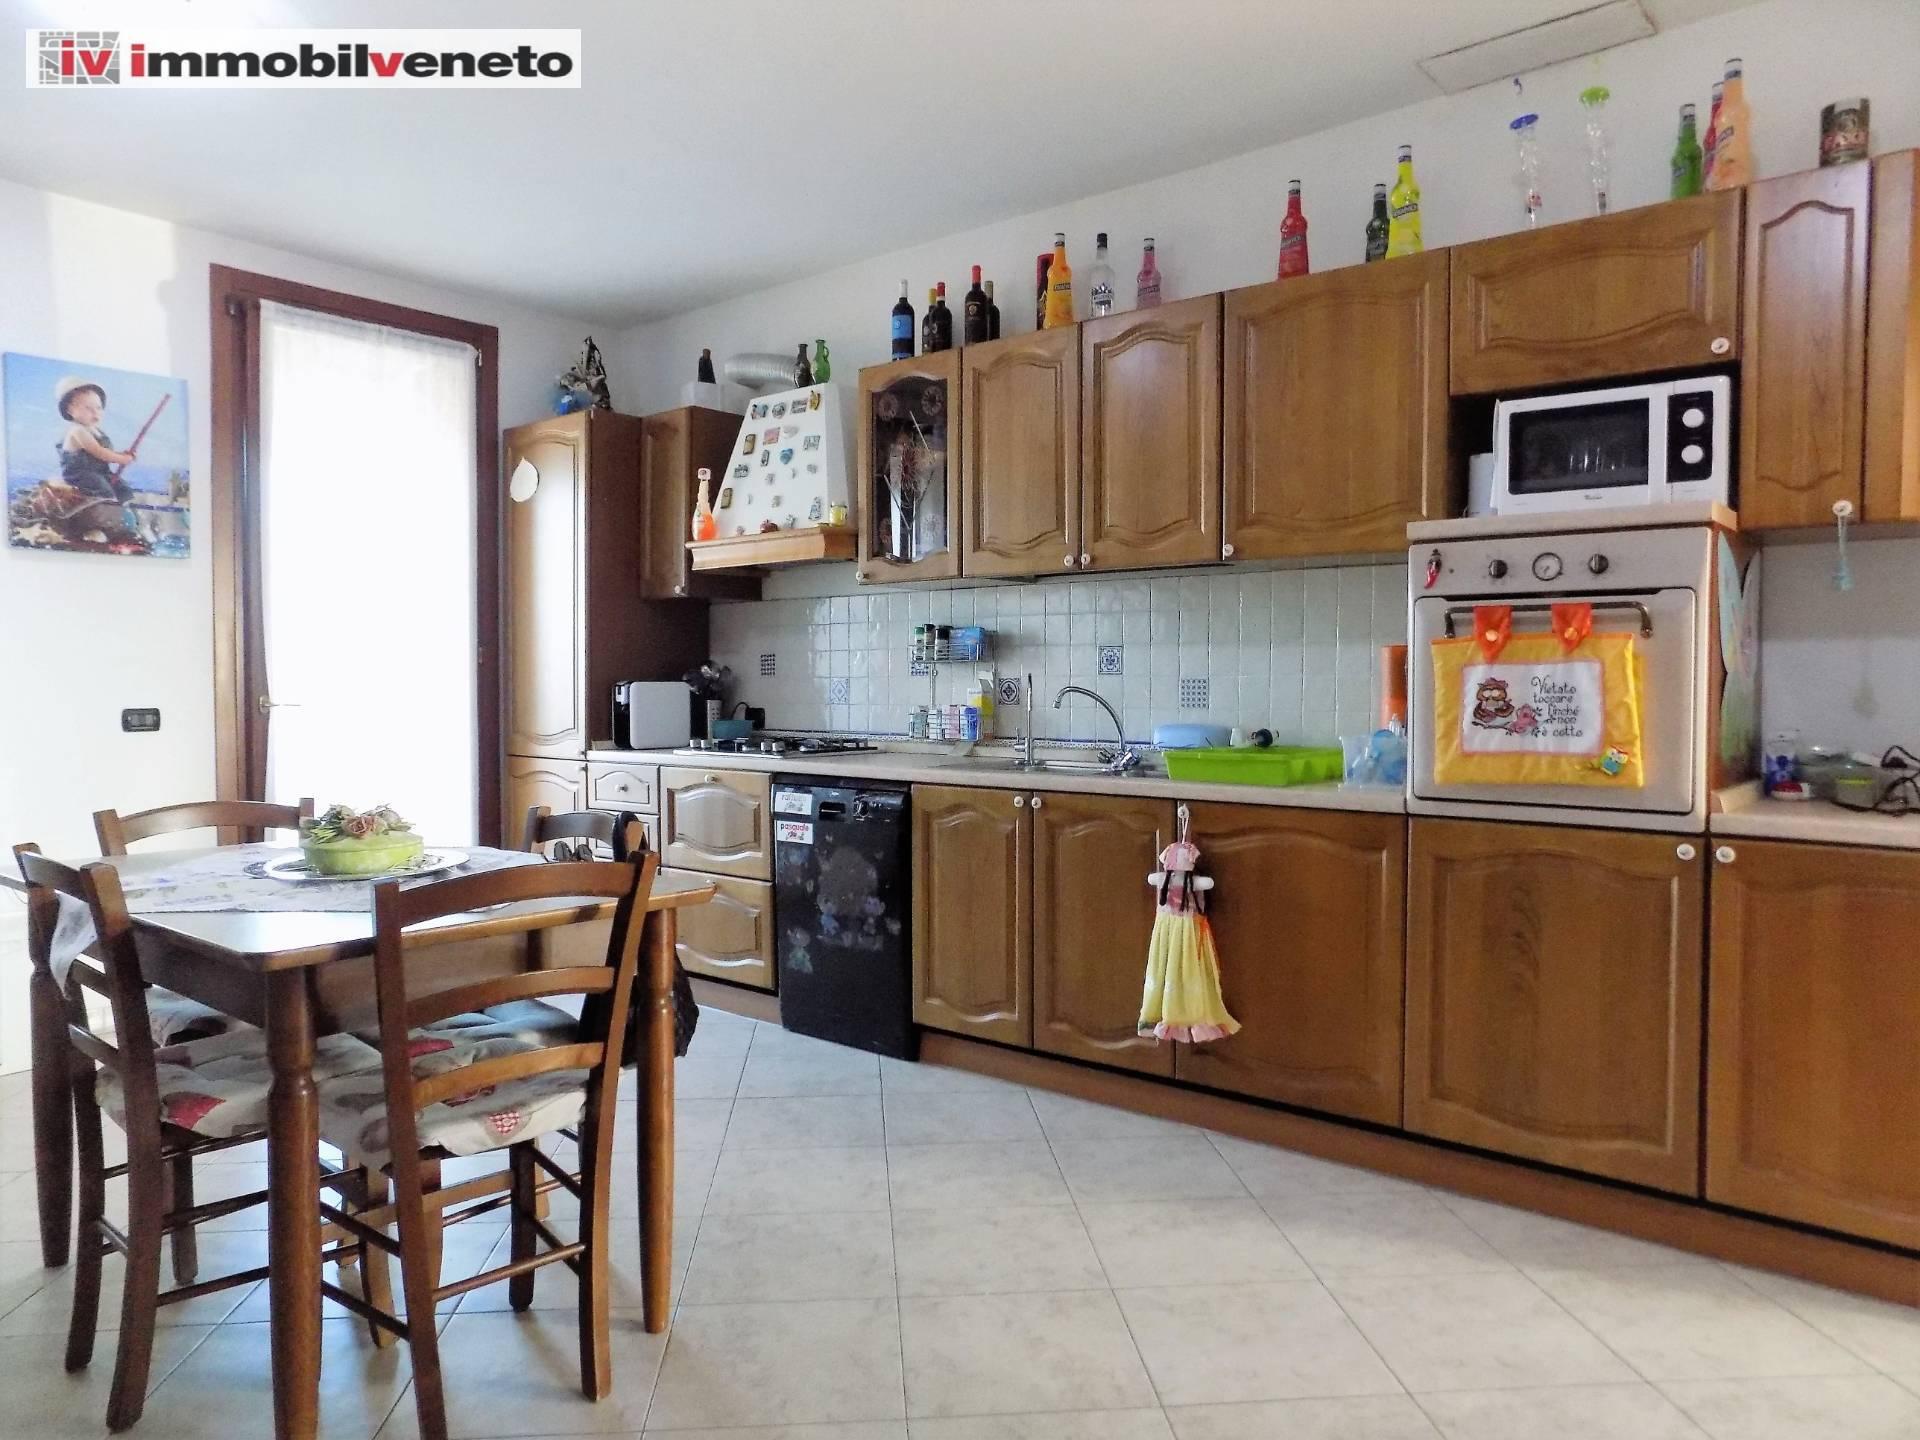 Appartamento in vendita a Lonigo, 5 locali, zona Zona: Almisano, prezzo € 100.000 | CambioCasa.it